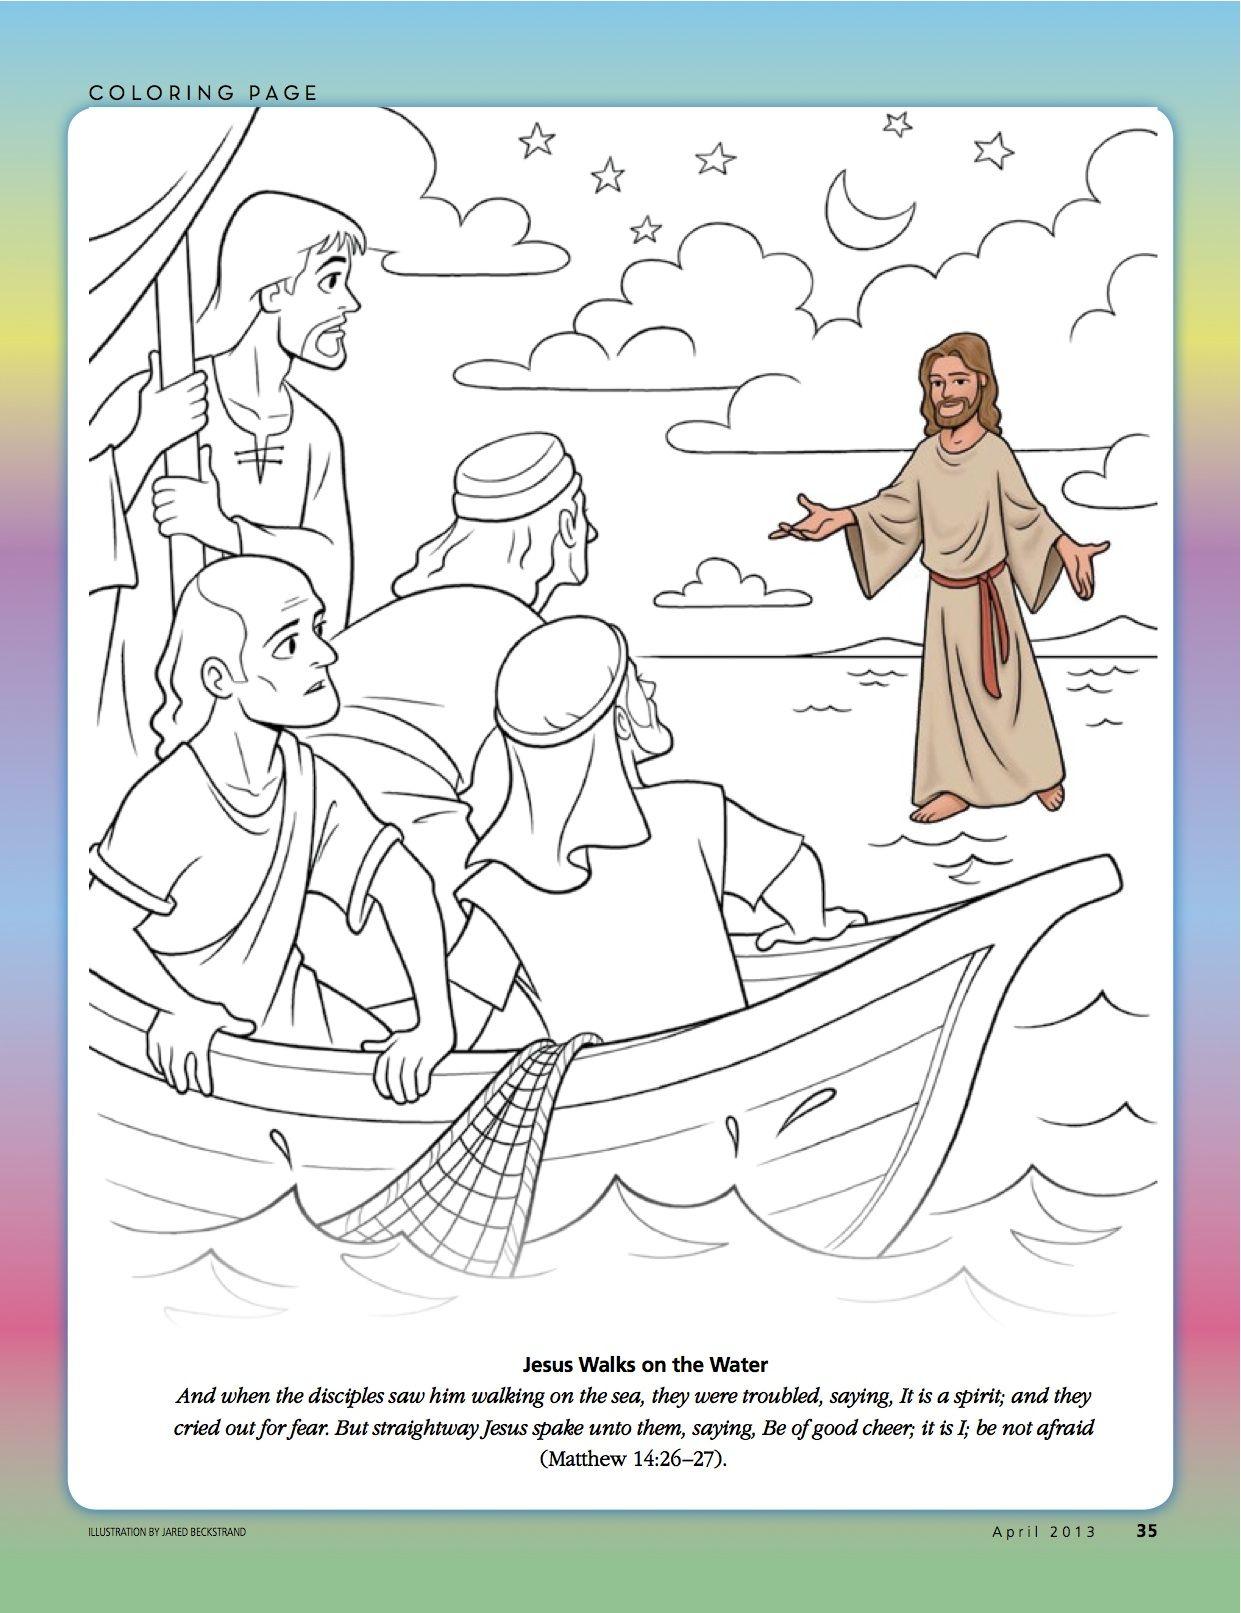 Pin De Kris Sather Em Church Stuff Atividades Biblicas Para Criancas Desenho Bliblico Biblia Para Criancas [ 1613 x 1241 Pixel ]